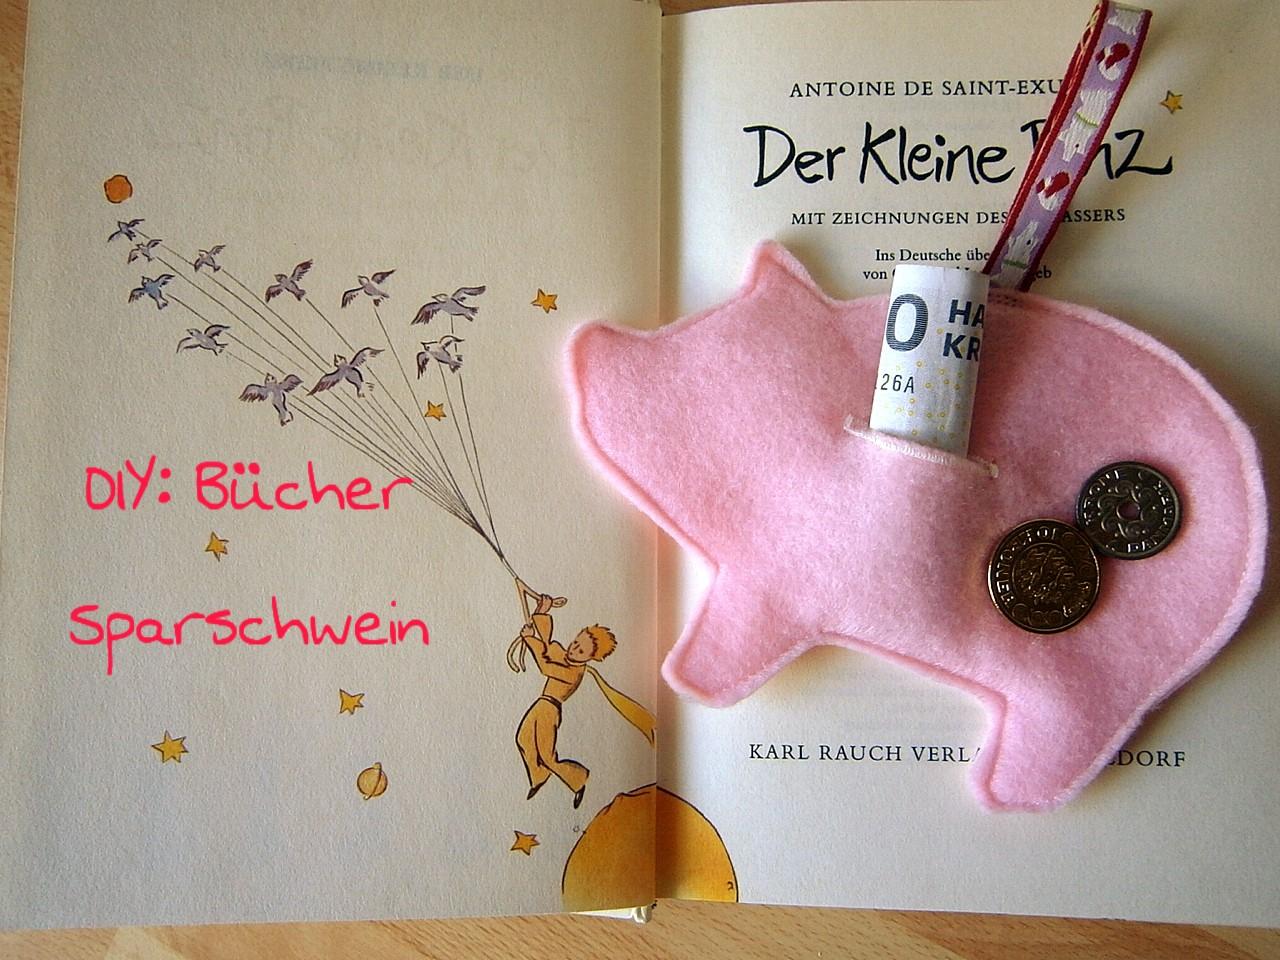 ULRIKES SMAATING: Buchwoche: Näht Euch ein Bücher Sparschwein